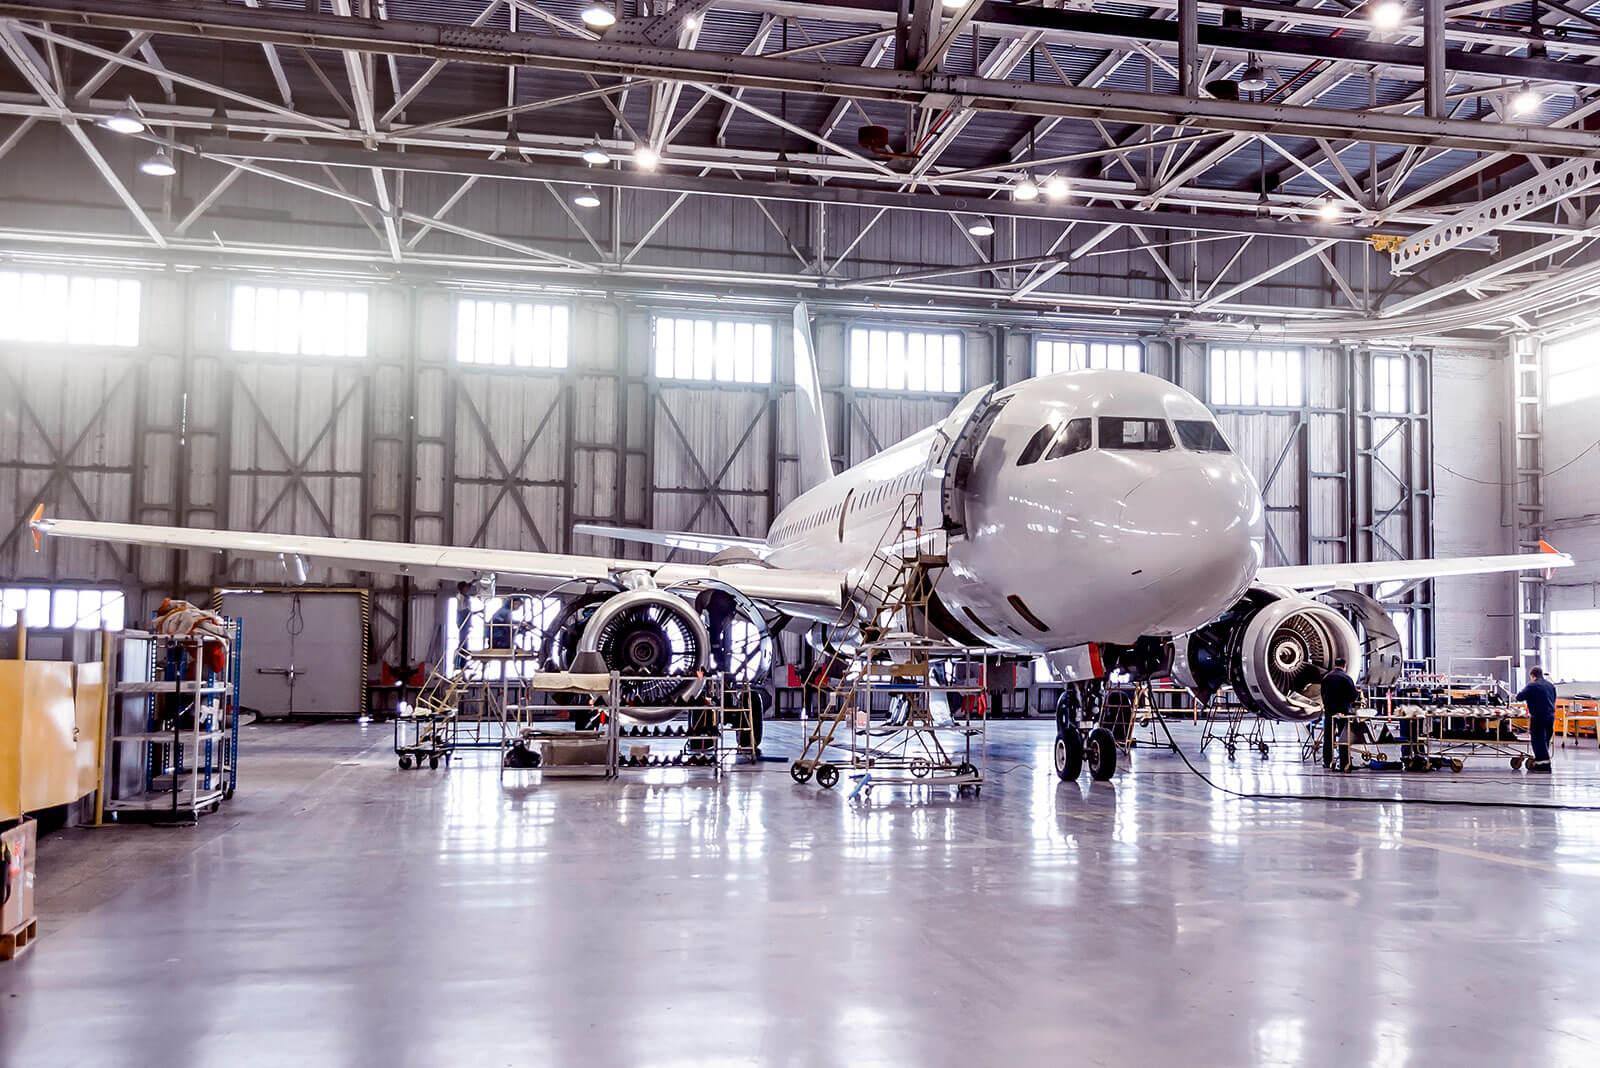 Ein Airbus Flugzeug steht zur Kontrolle im Hangar